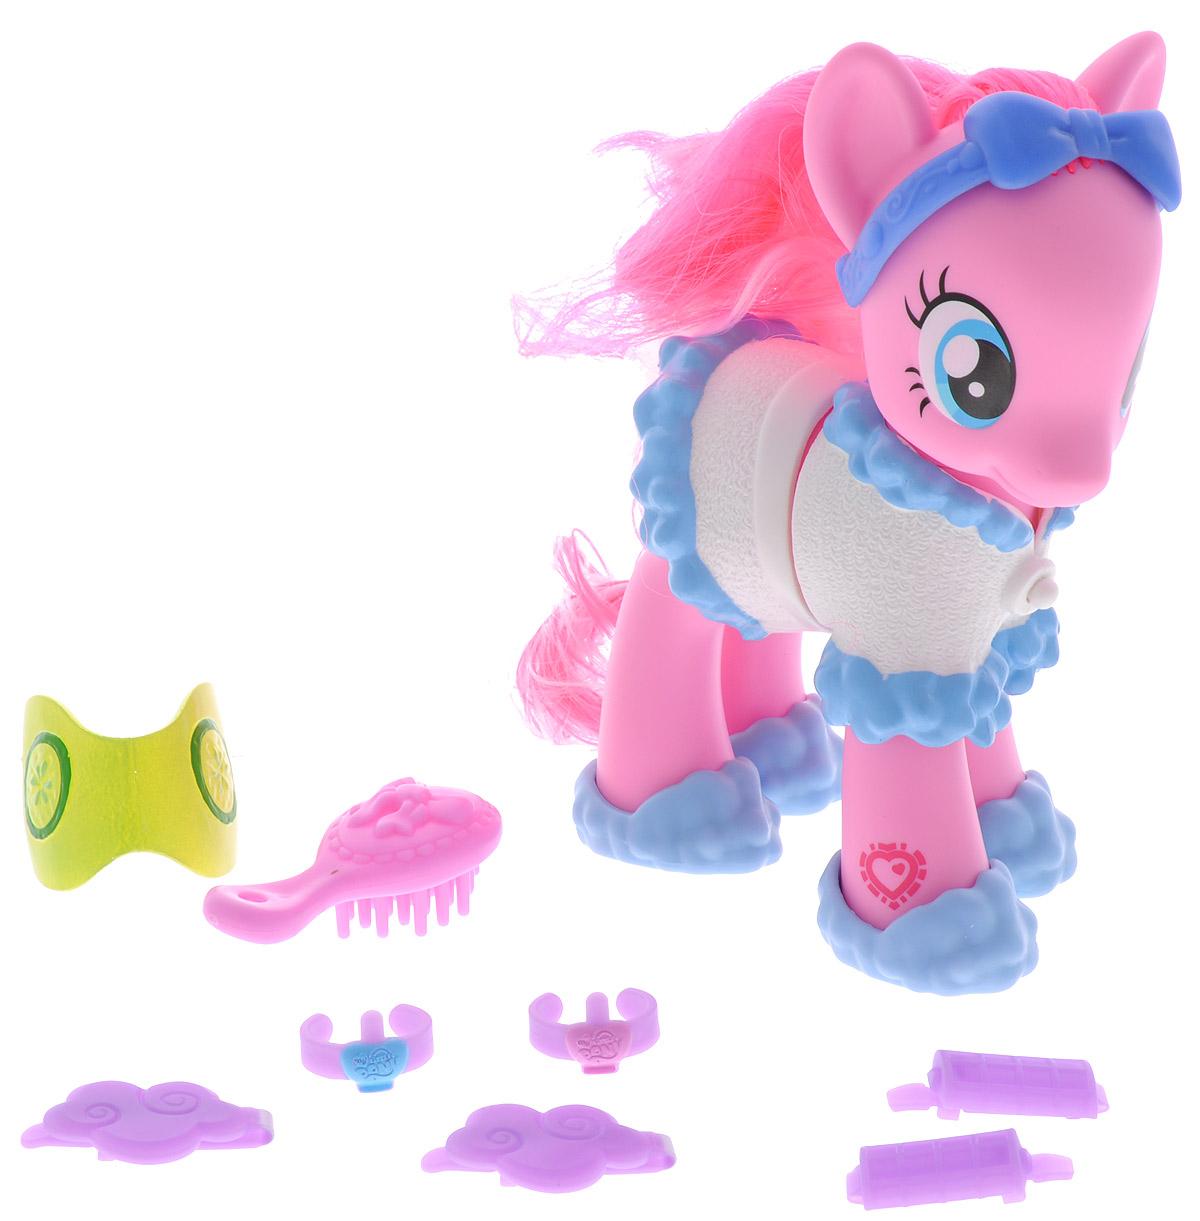 My Little Pony Игровой набор Пони-модница Pinkie PieB0360_B3018Игровой набор My Little Pony Пони-модница. Pinkie Pie привлечет внимание вашей малышки и не позволит ей скучать. Он включает фигурку пони Pinkie Pie, расческу, заколки для волос, бигуди и украшения. Игрушка выполнена из пластика и представляет собой очаровательную пони с большими выразительными глазками и длинной розовой гривой и хвостом. Пони собирается отдыхать, она одета в белый домашний костюмчик, на голове у нее - модный ободок, а на ногах - симпатичные тапочки. Ваша малышка сможет сделать пони красивую прическу с помощью расчески и заколок. Головка игрушки поворачивается. Ваша малышка будет часами играть с набором, придумывая различные истории. Порадуйте ее таким замечательным подарком!